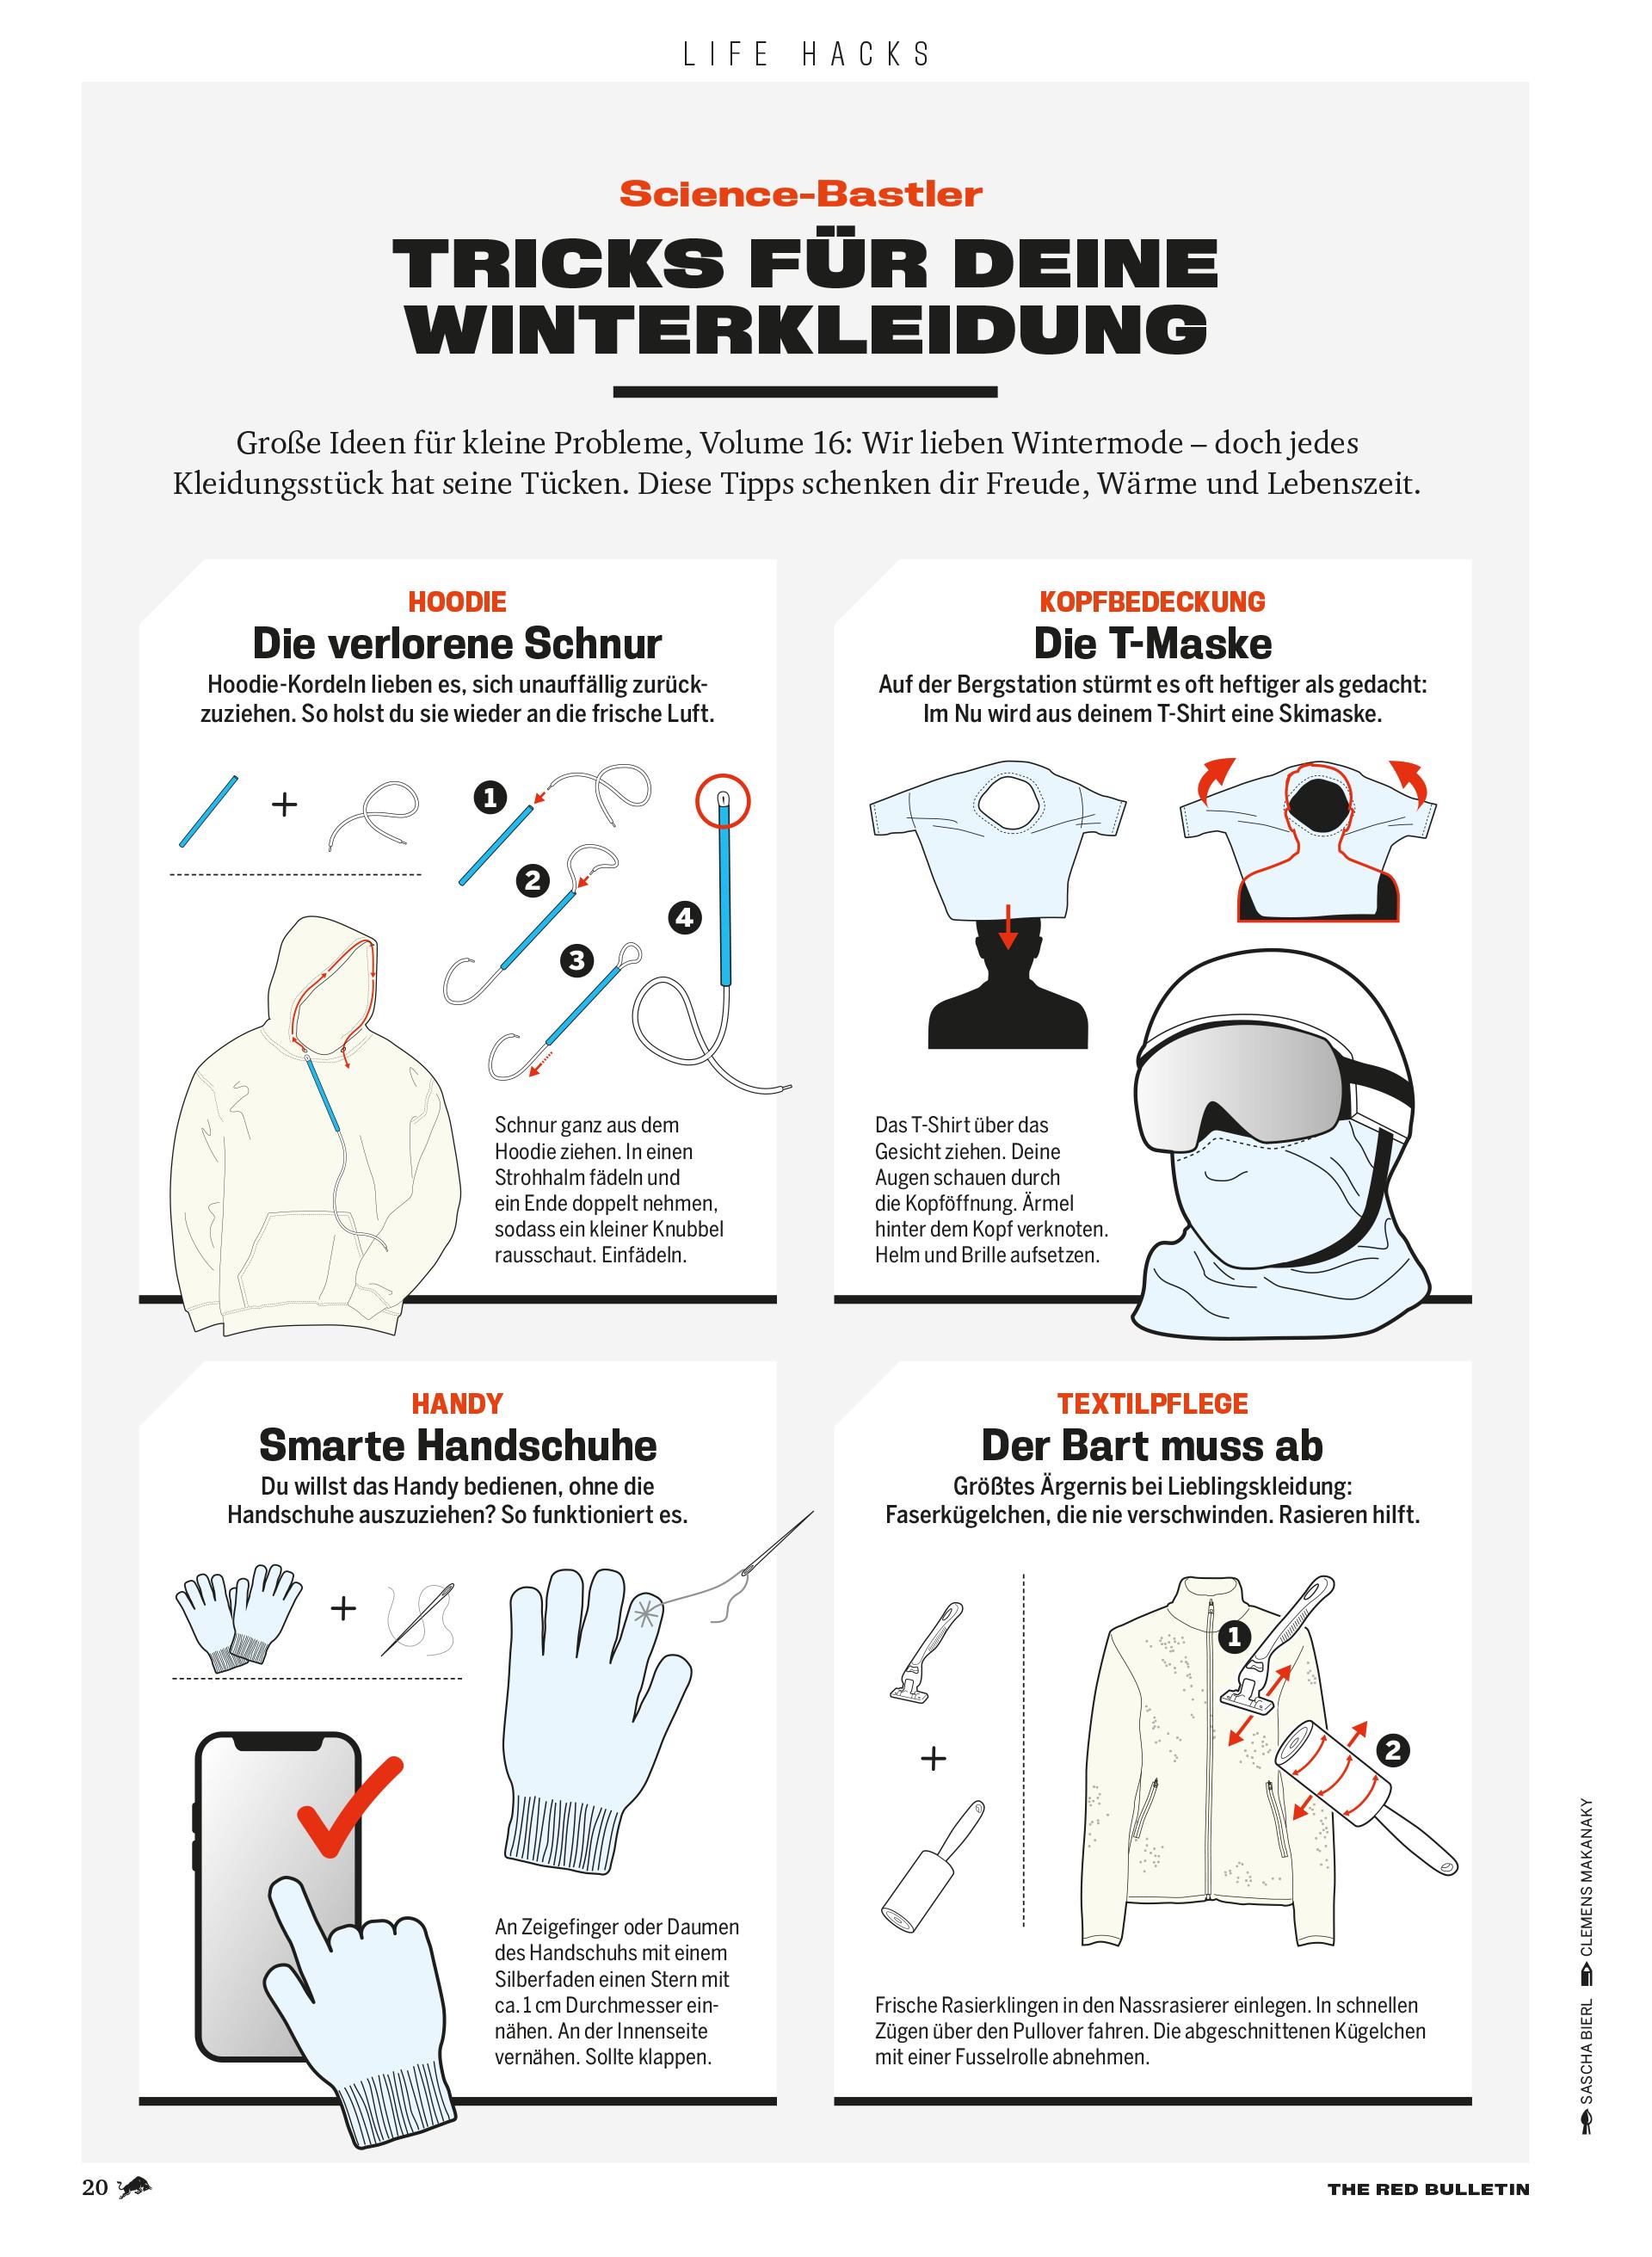 Life Hacks Winterkleidung Skifahren